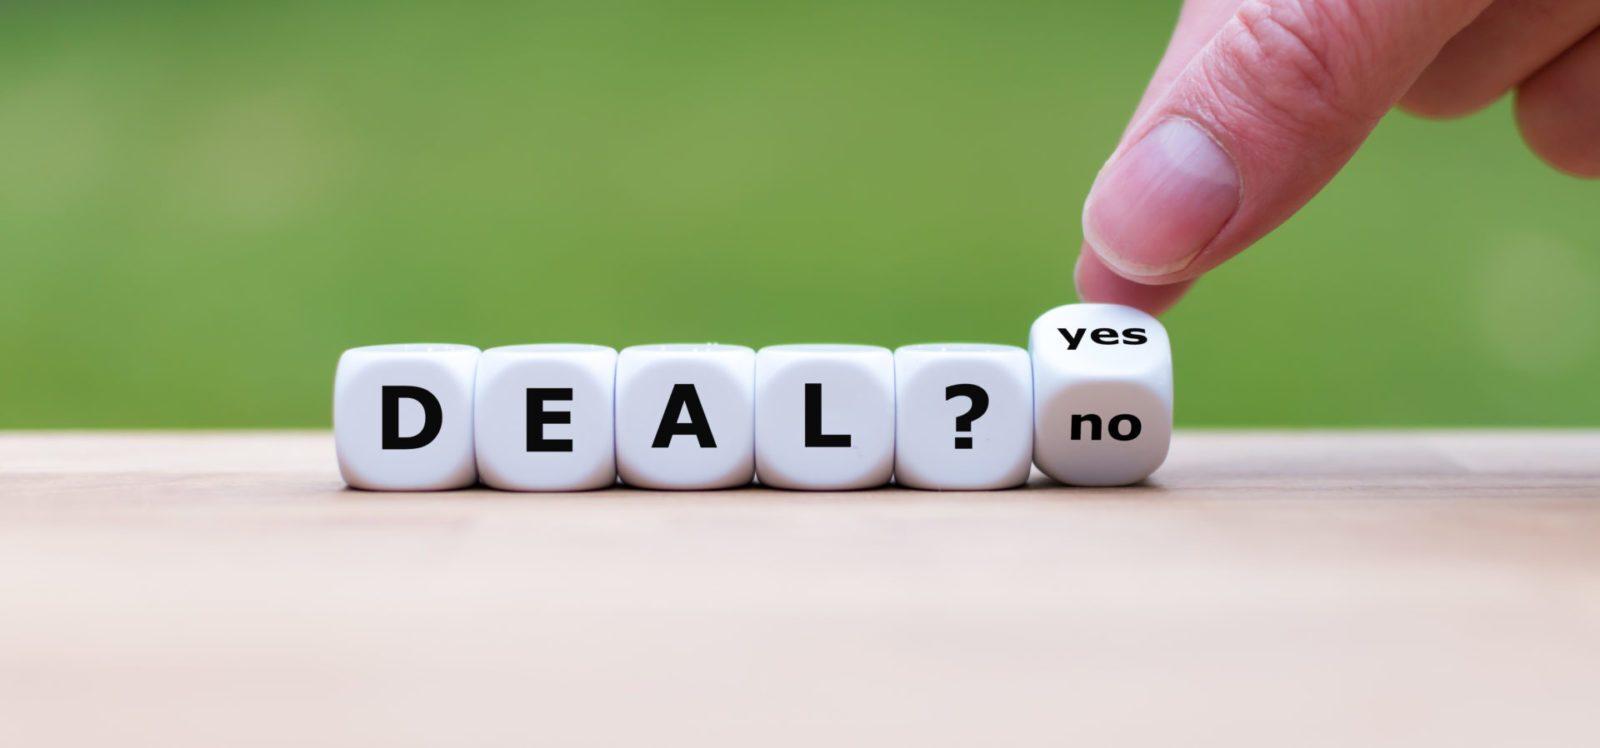 No-deal worries